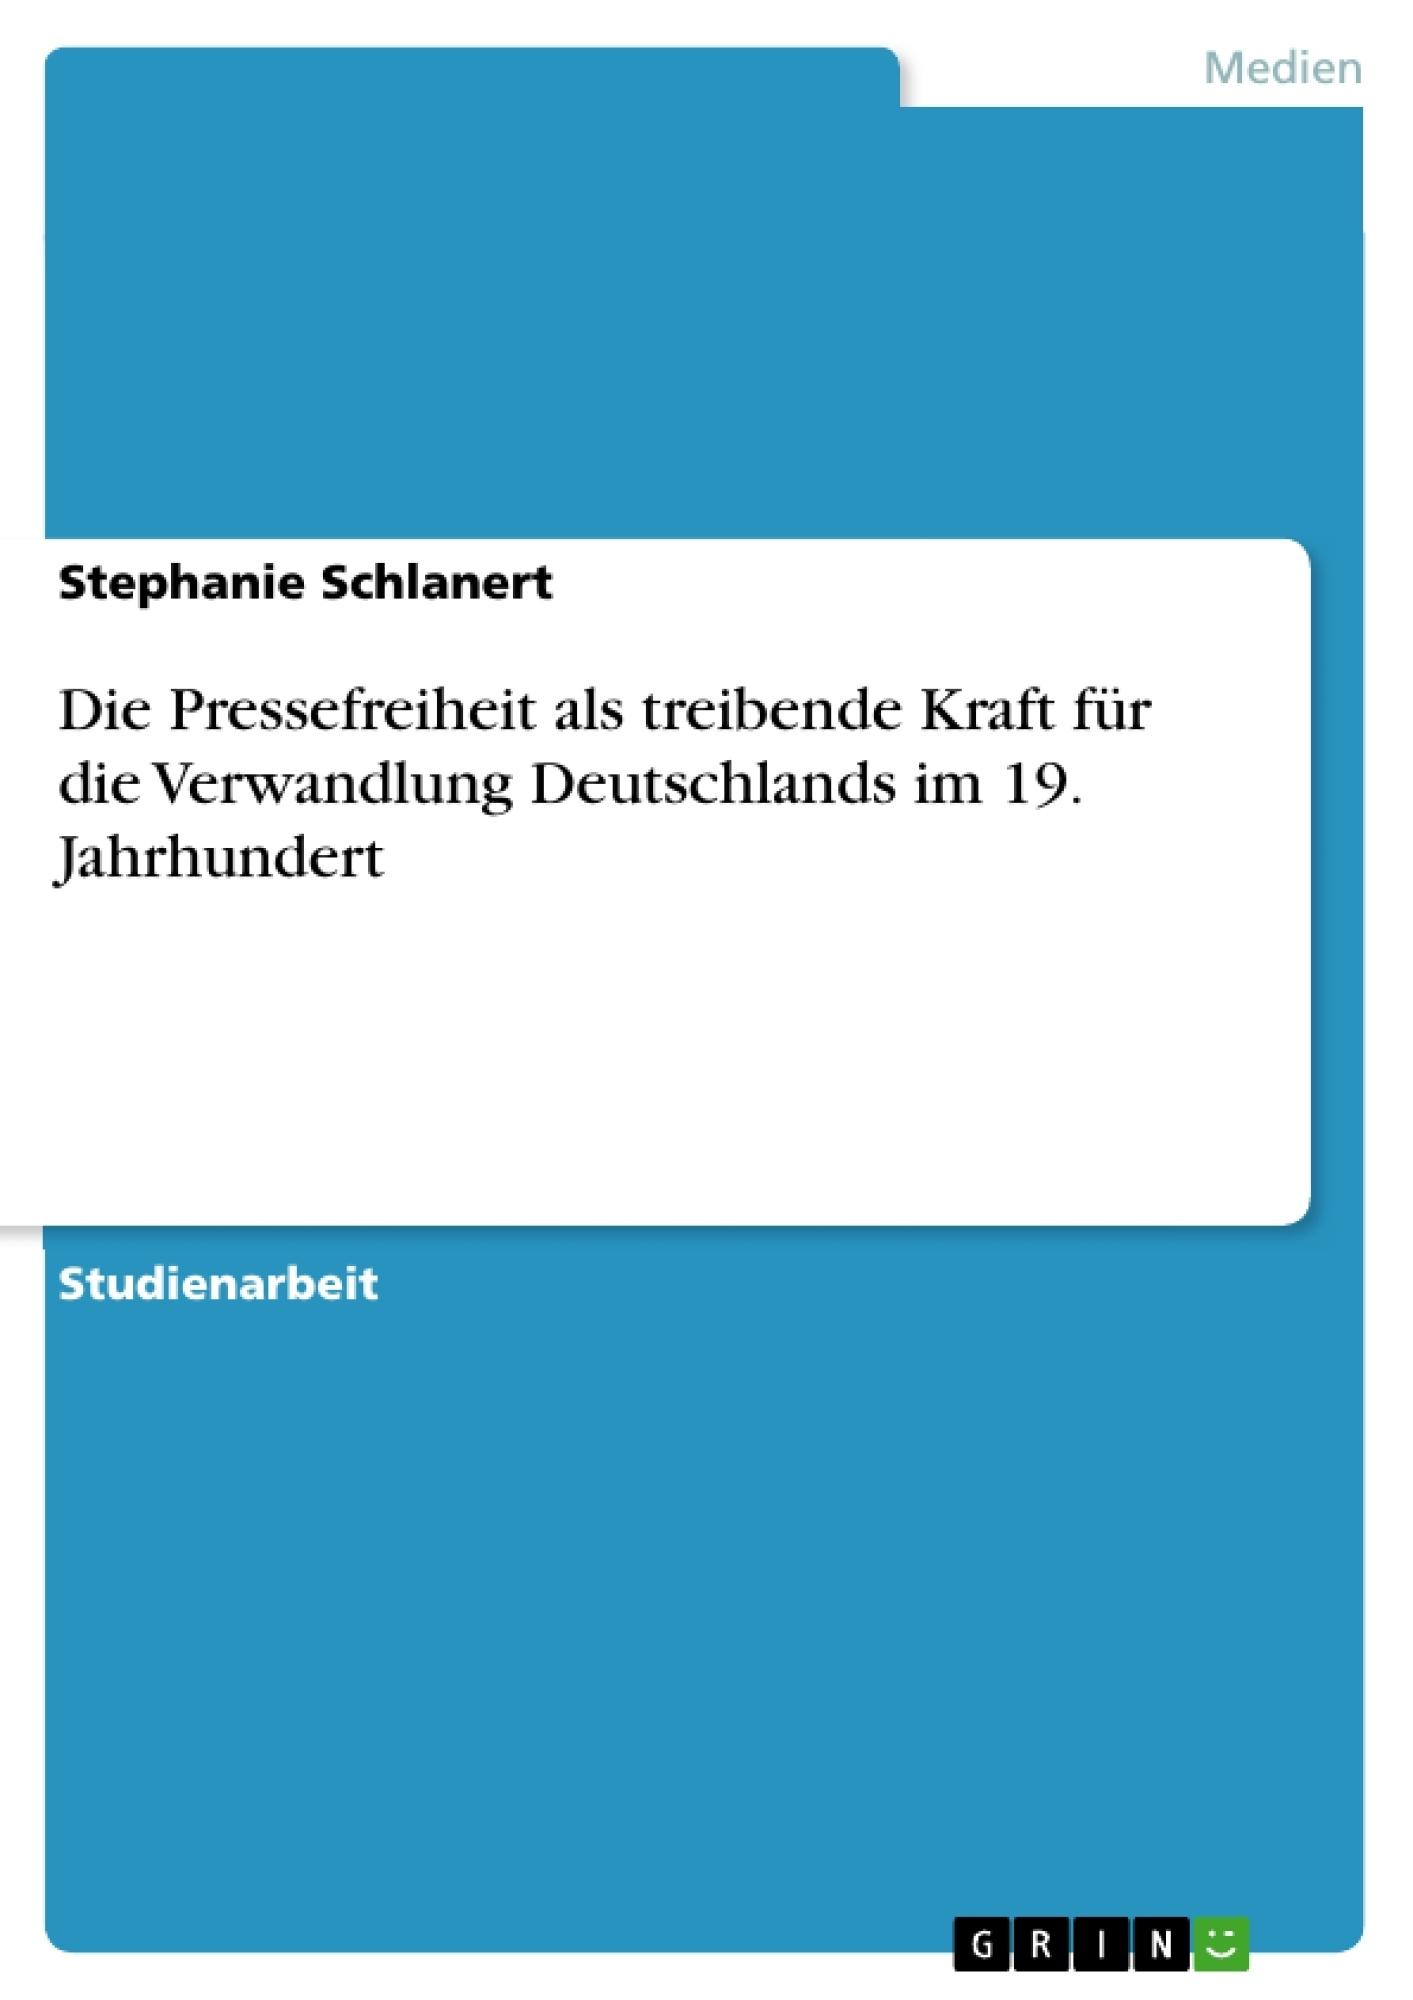 Titel: Die Pressefreiheit als treibende Kraft für die Verwandlung Deutschlands im 19. Jahrhundert